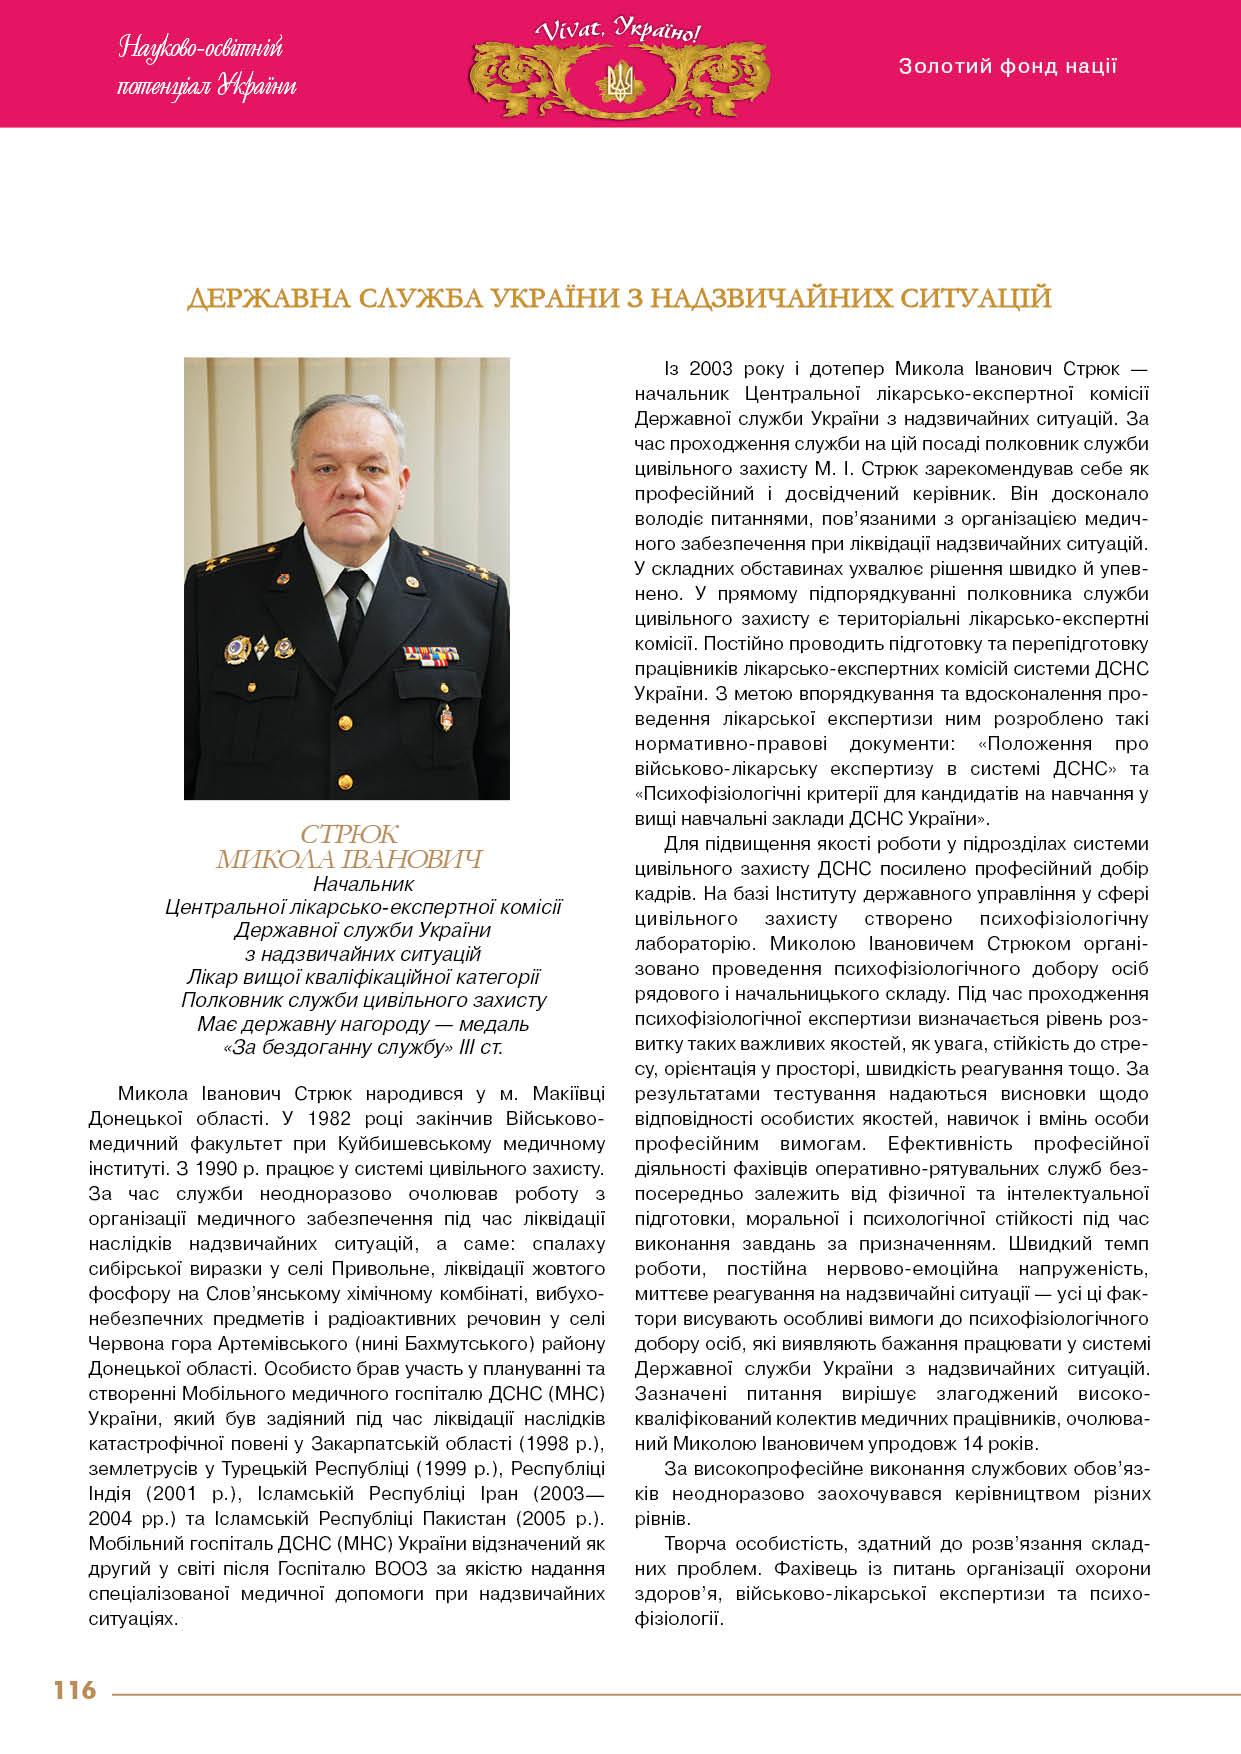 Стрюк Микола Іванович